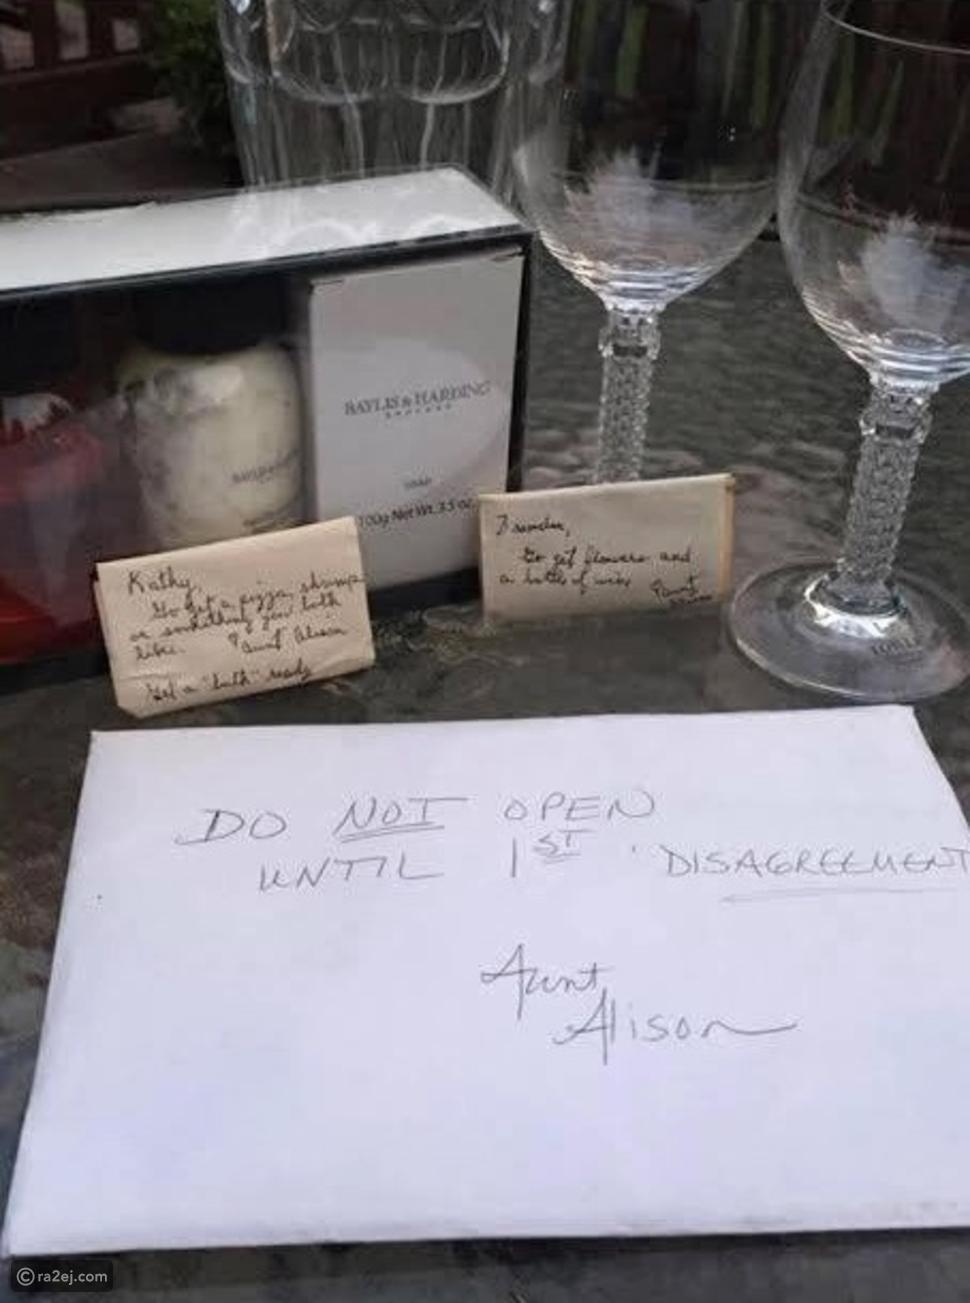 زوجان ينتظران 9 سنوات لفتح هدية الزفاف ولكن كانت المفاجأة في الداخل!